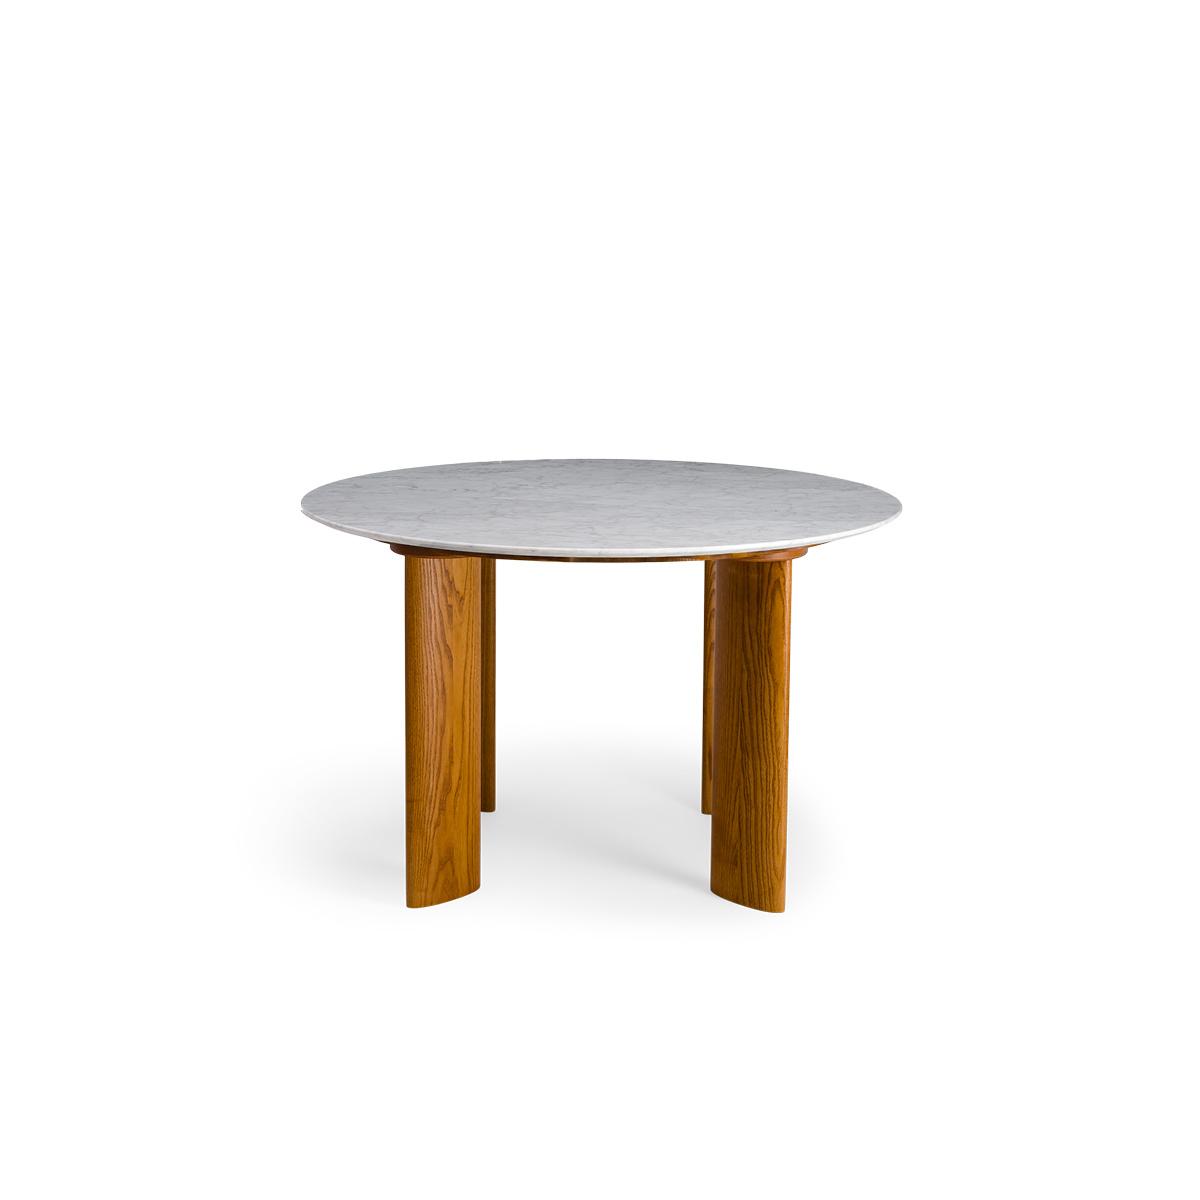 Table de salle à manger Carlotta Alta marbre blanc et pieds frêne finition iroko -  4 places